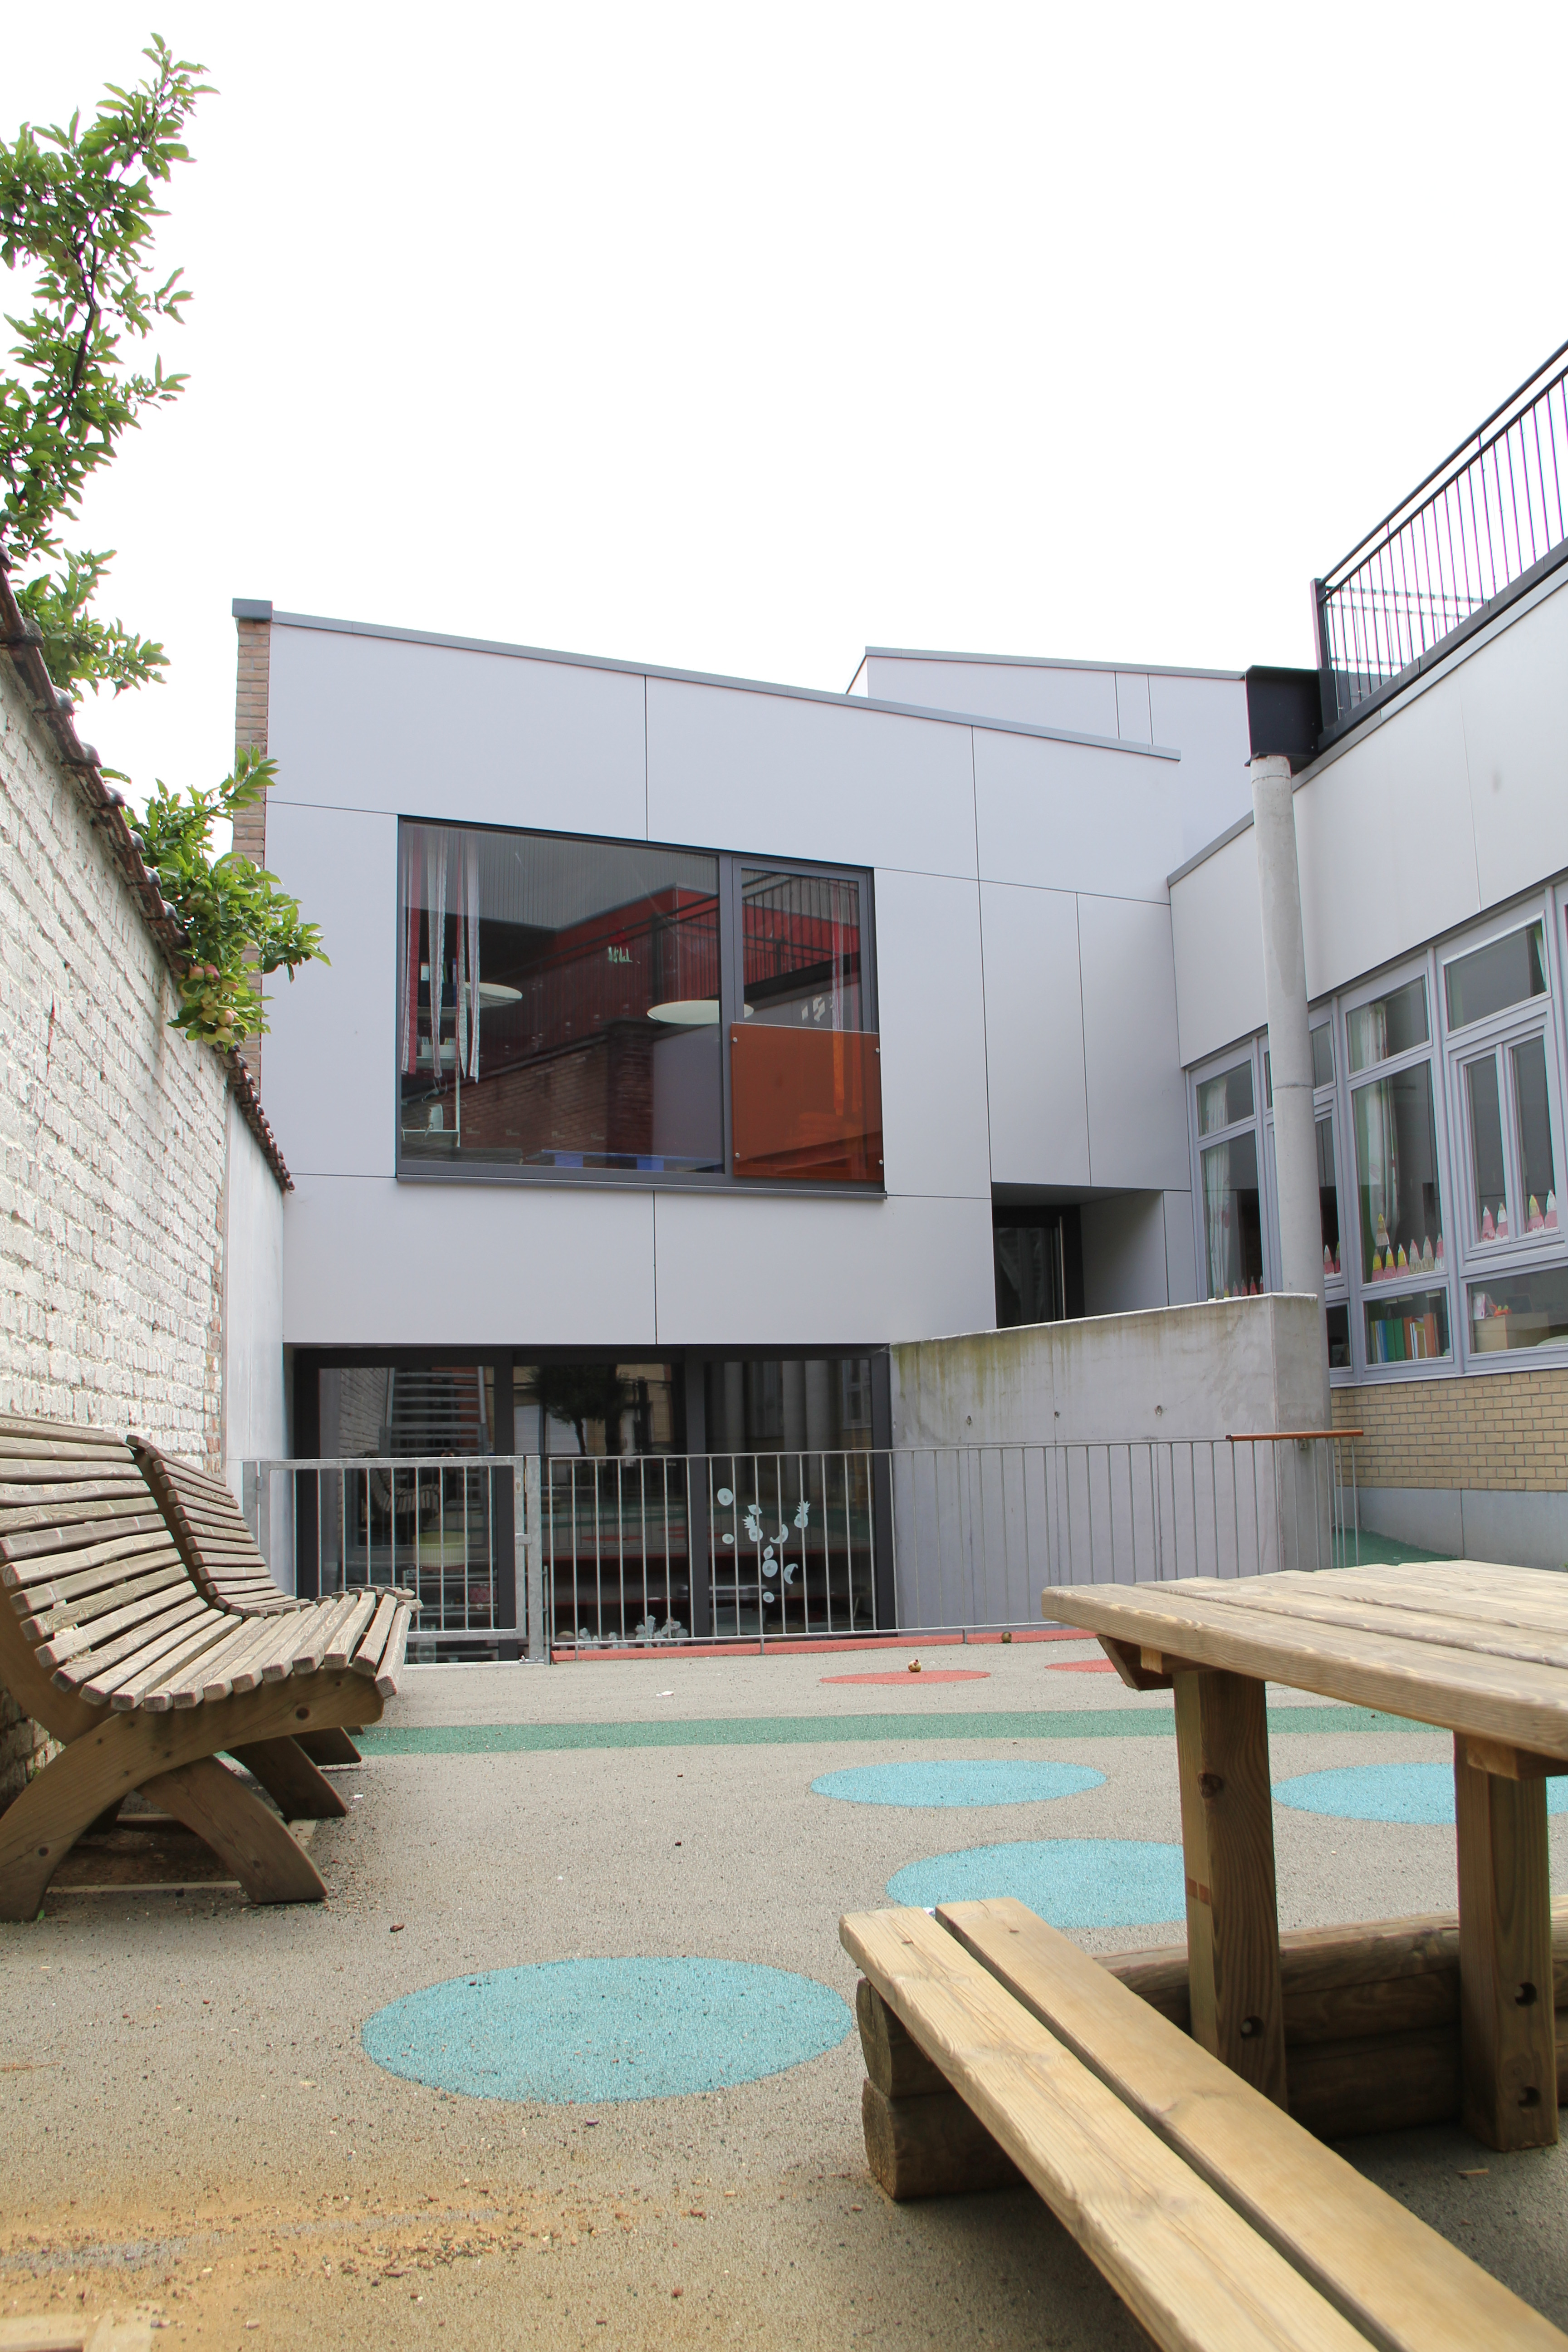 Basisschool 'OLV'